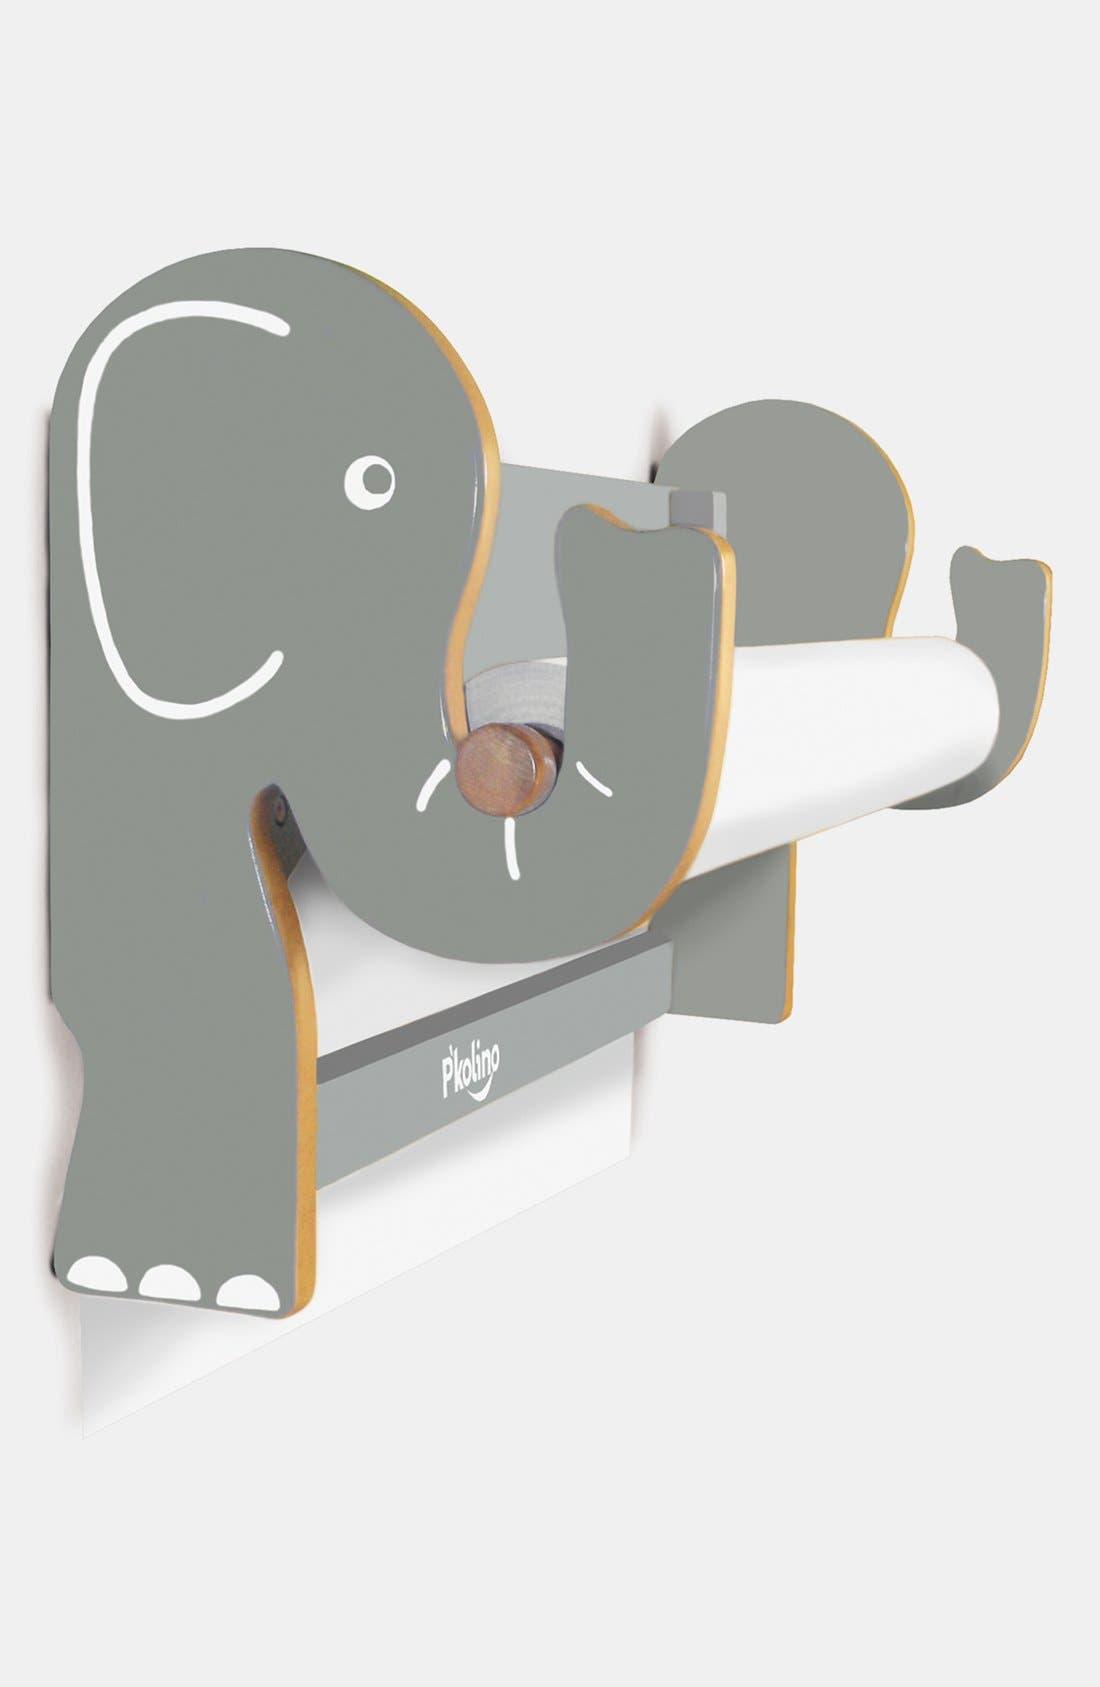 Alternate Image 1 Selected - ELEPHANT WALL EASEL